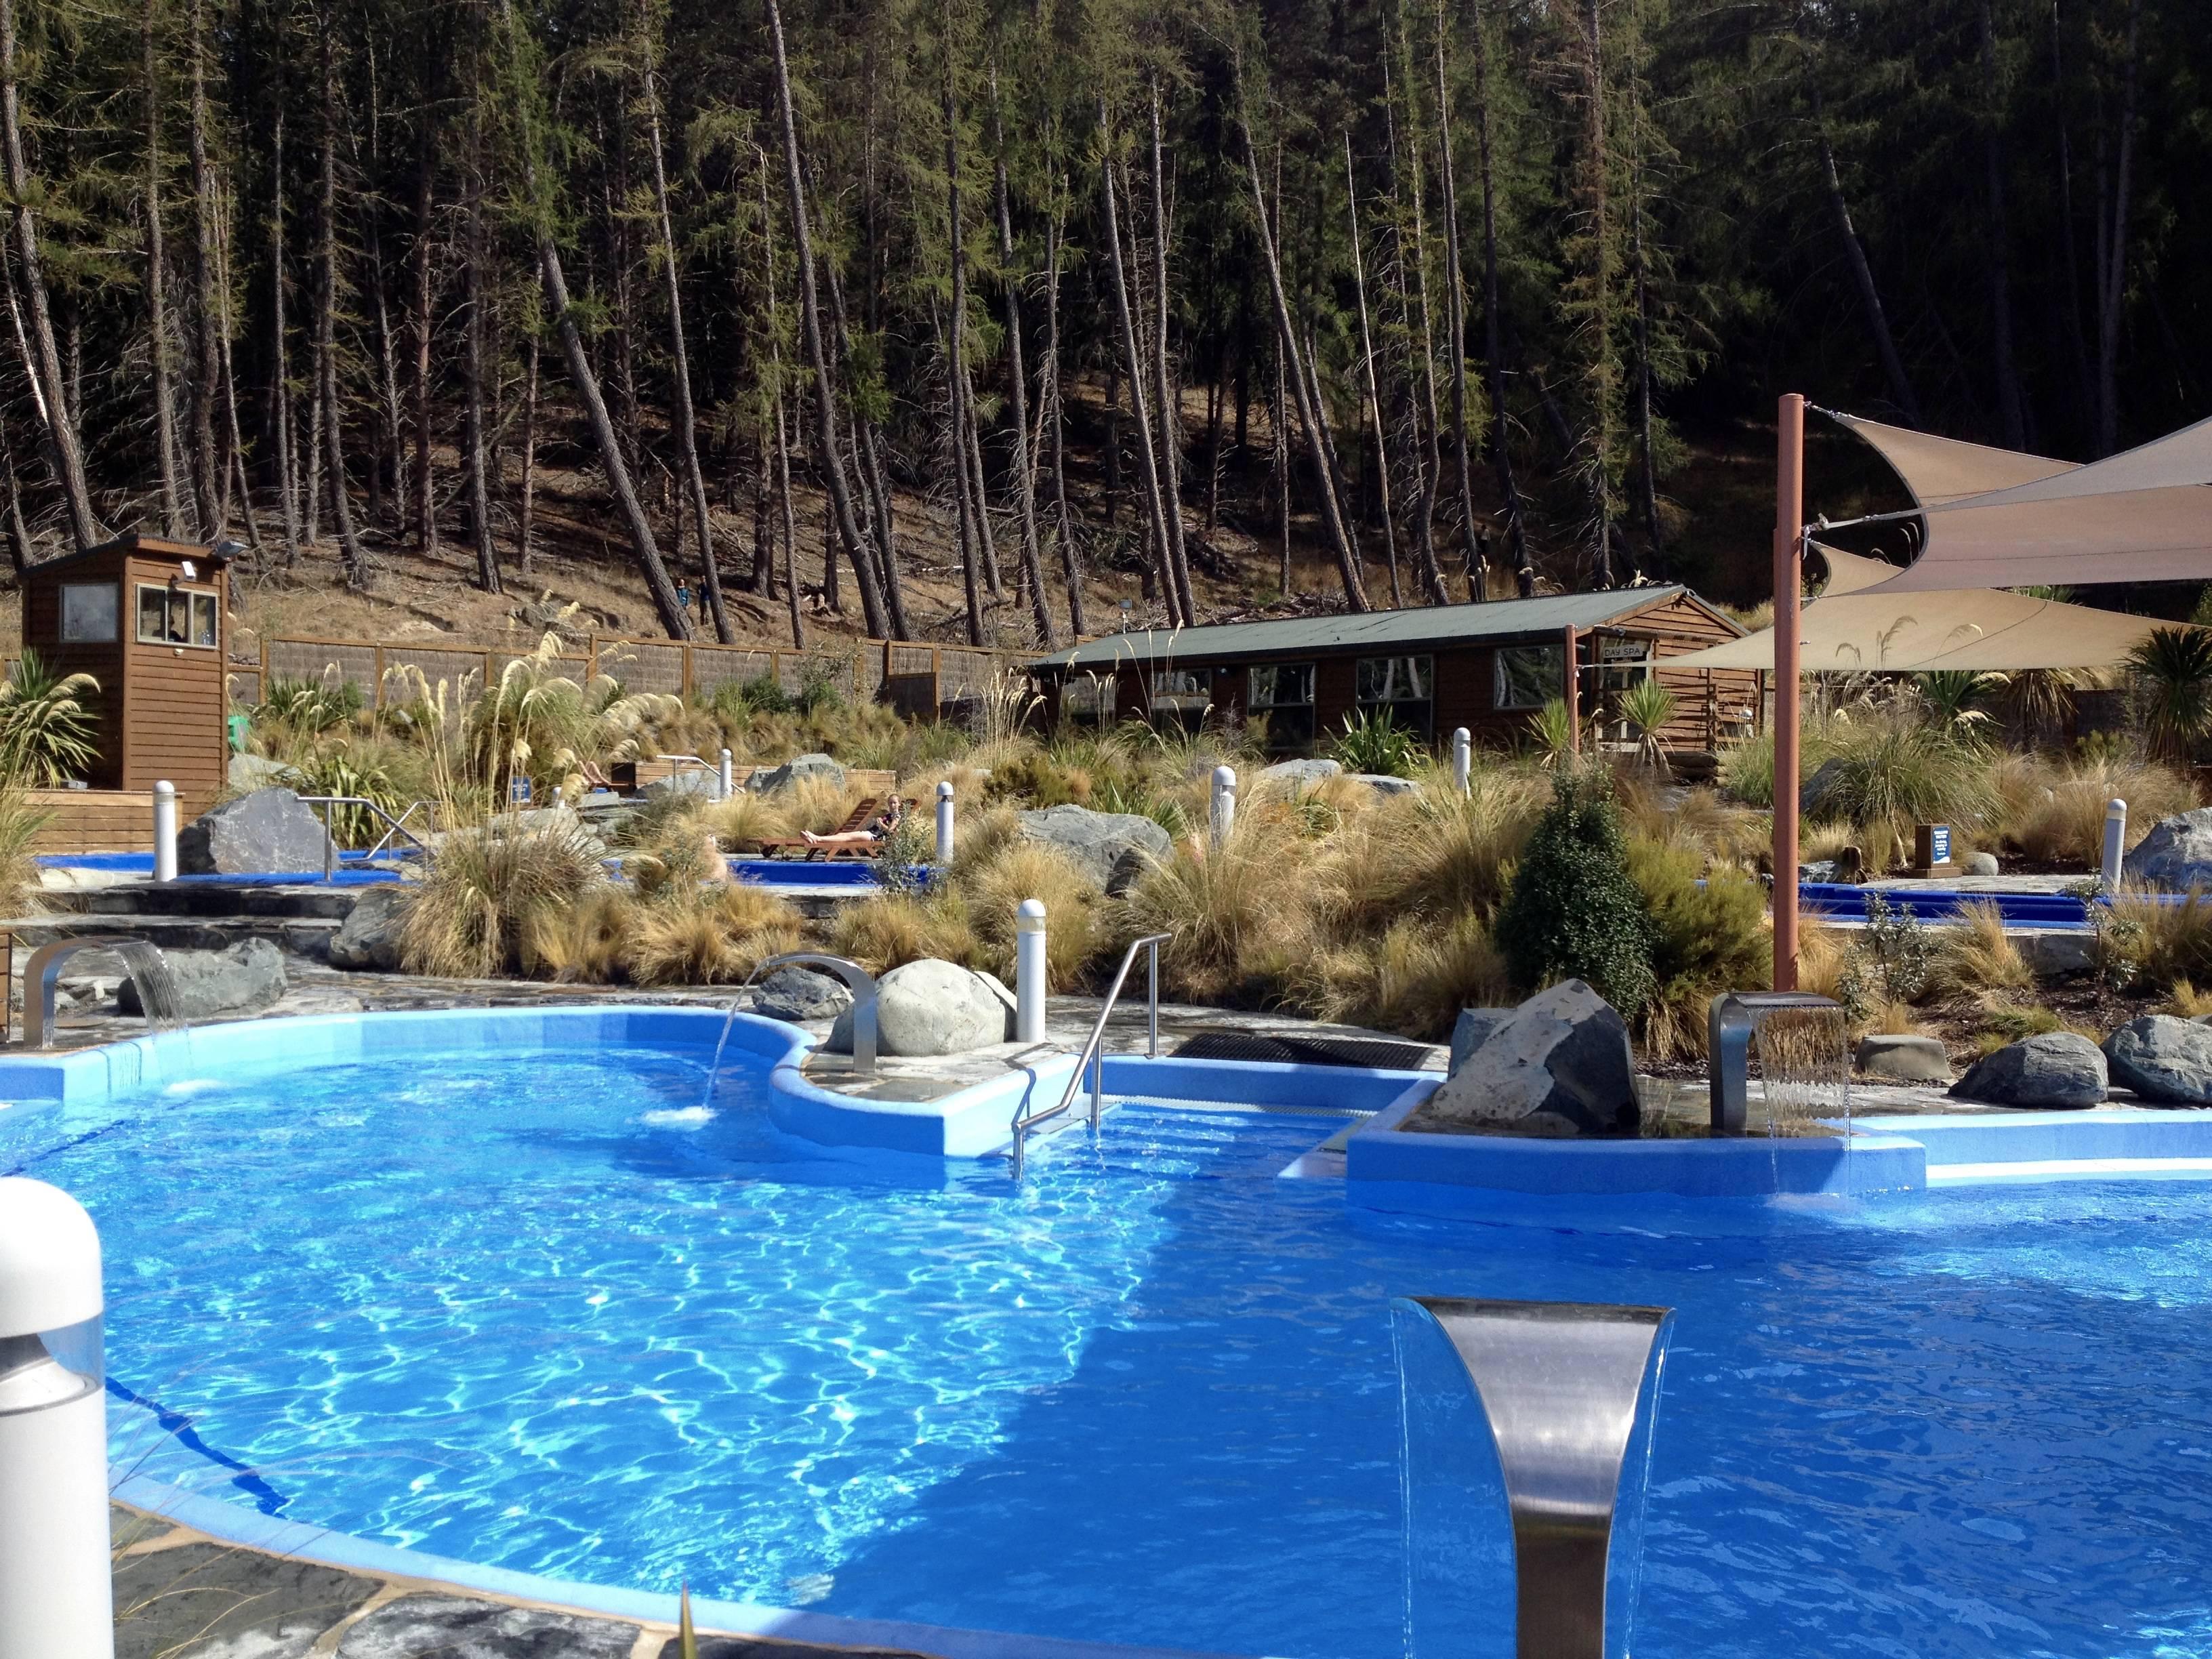 Photo 1: Le spa de dingue, piscine à jets avec vue imprenable sur les montagnes